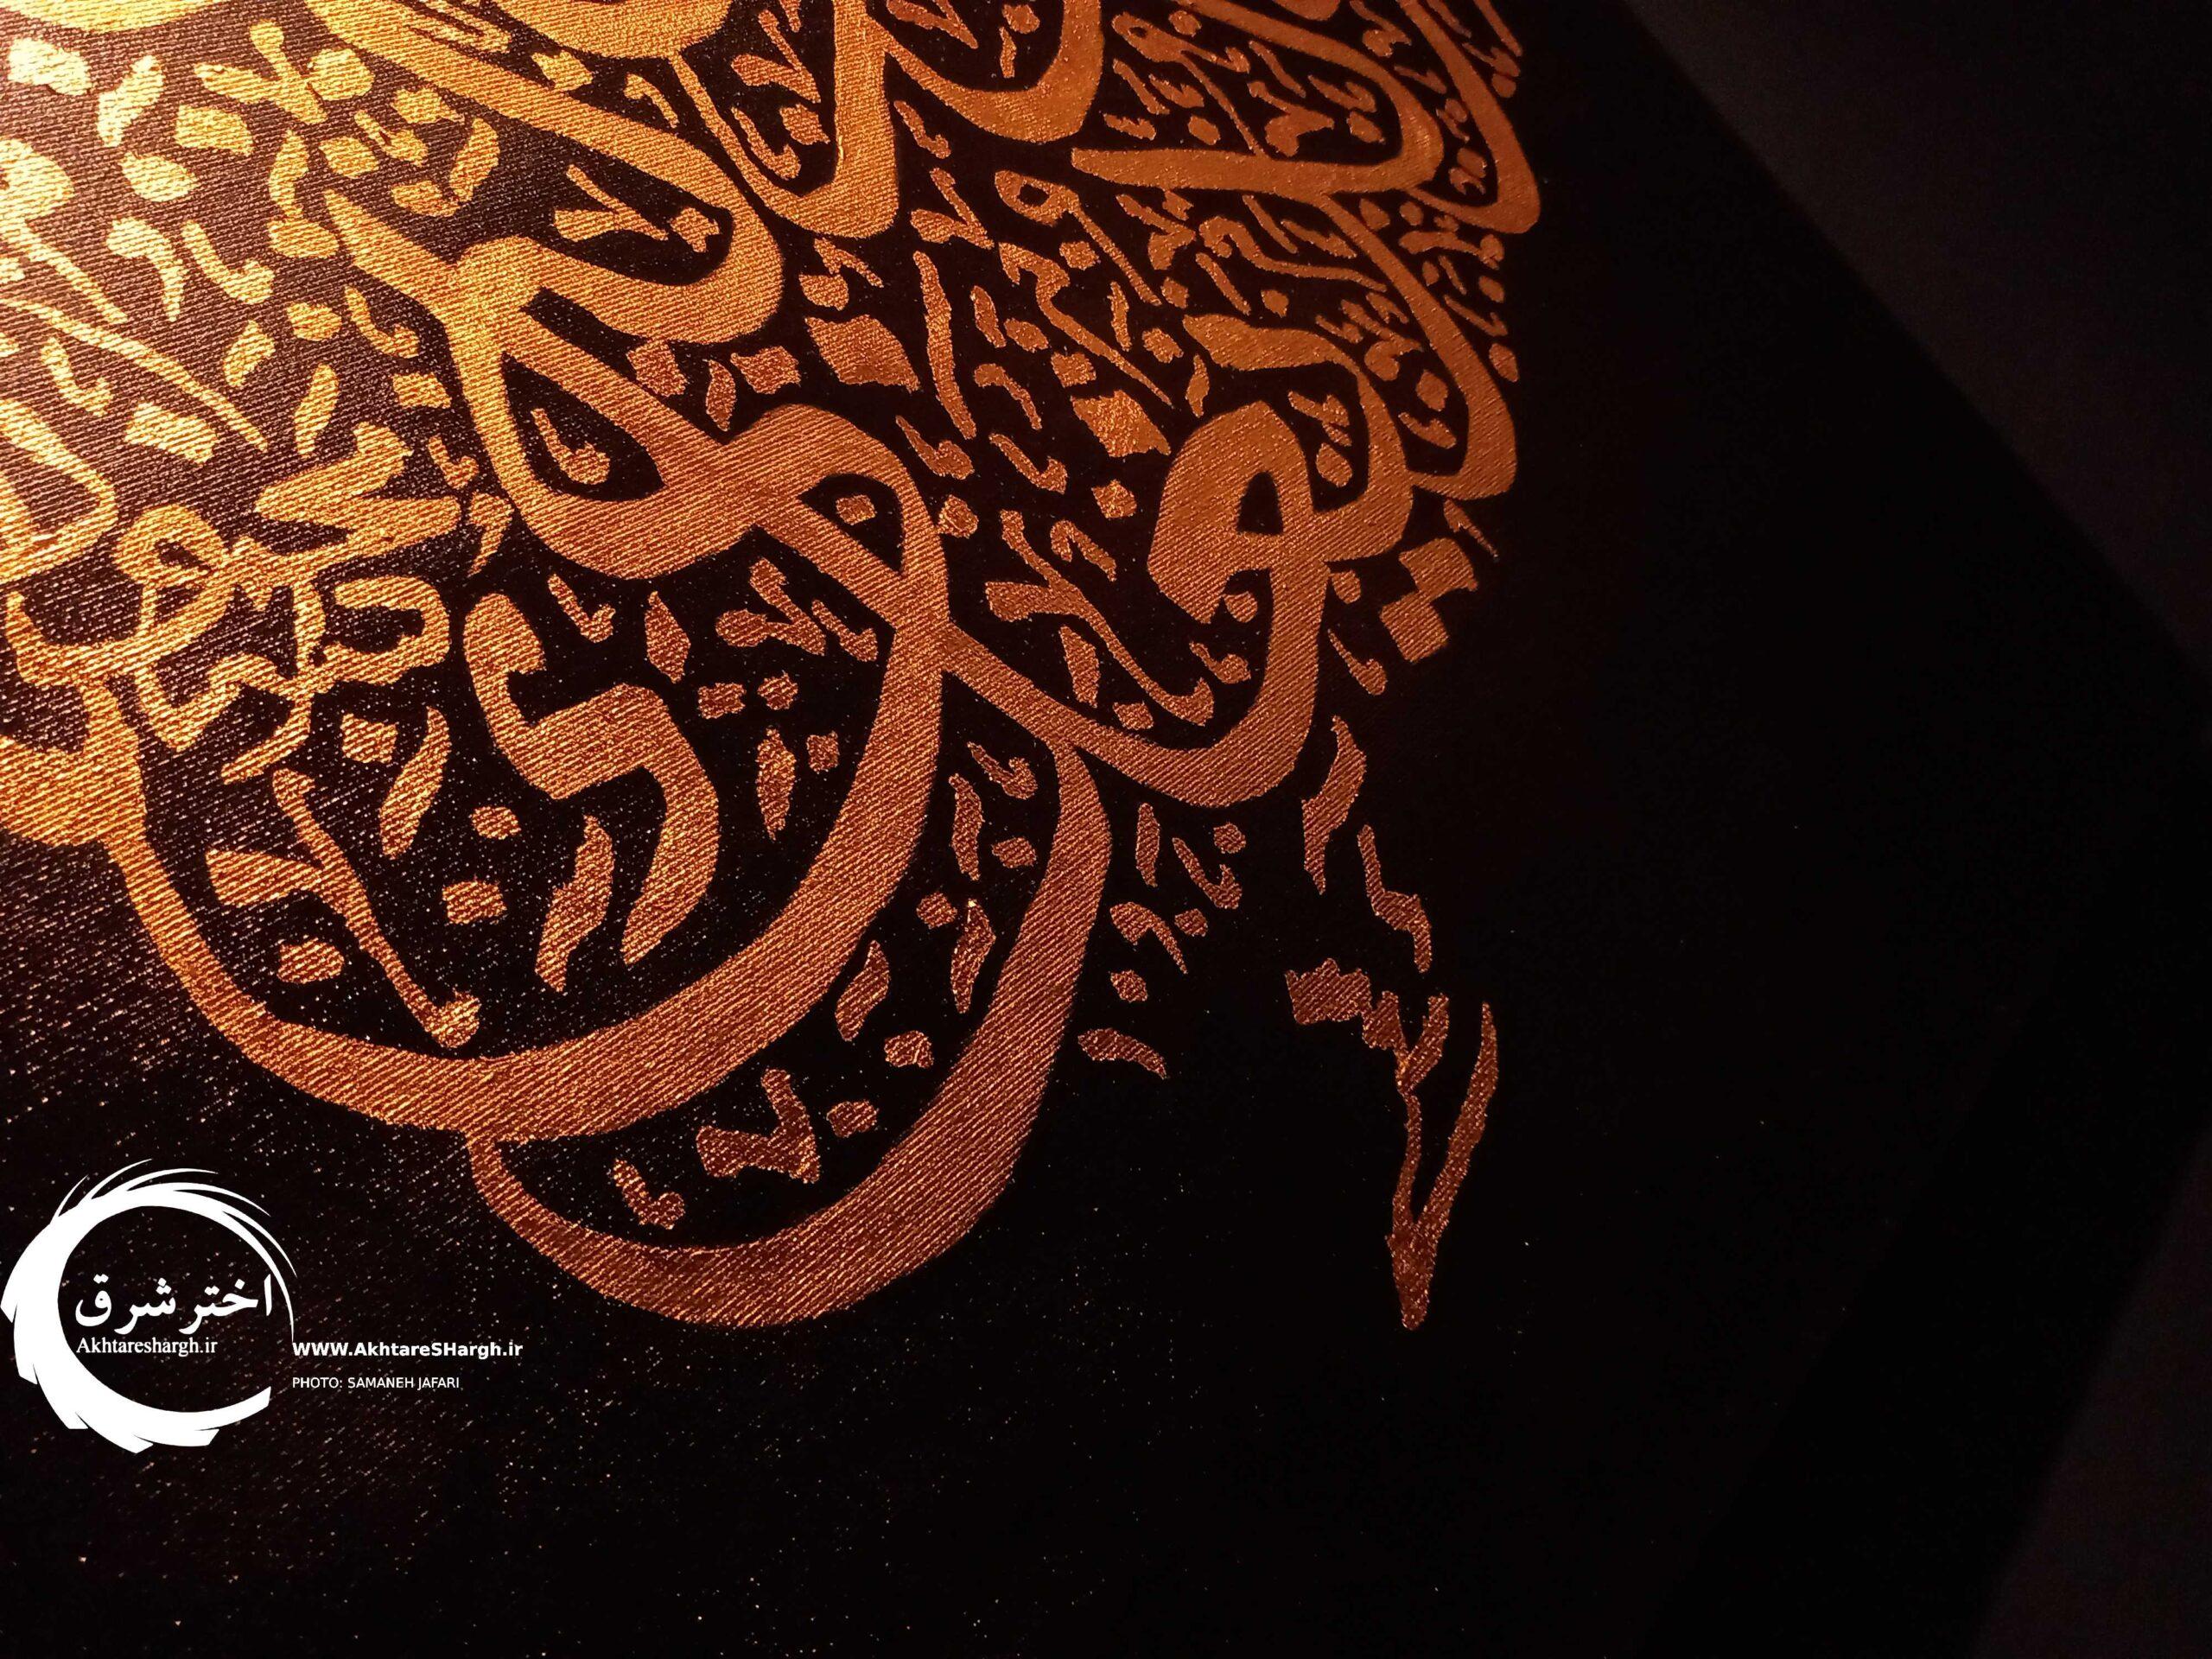 گزارش تصویری از نمایشگاه گروهی «میکس مدیا» در مشهد